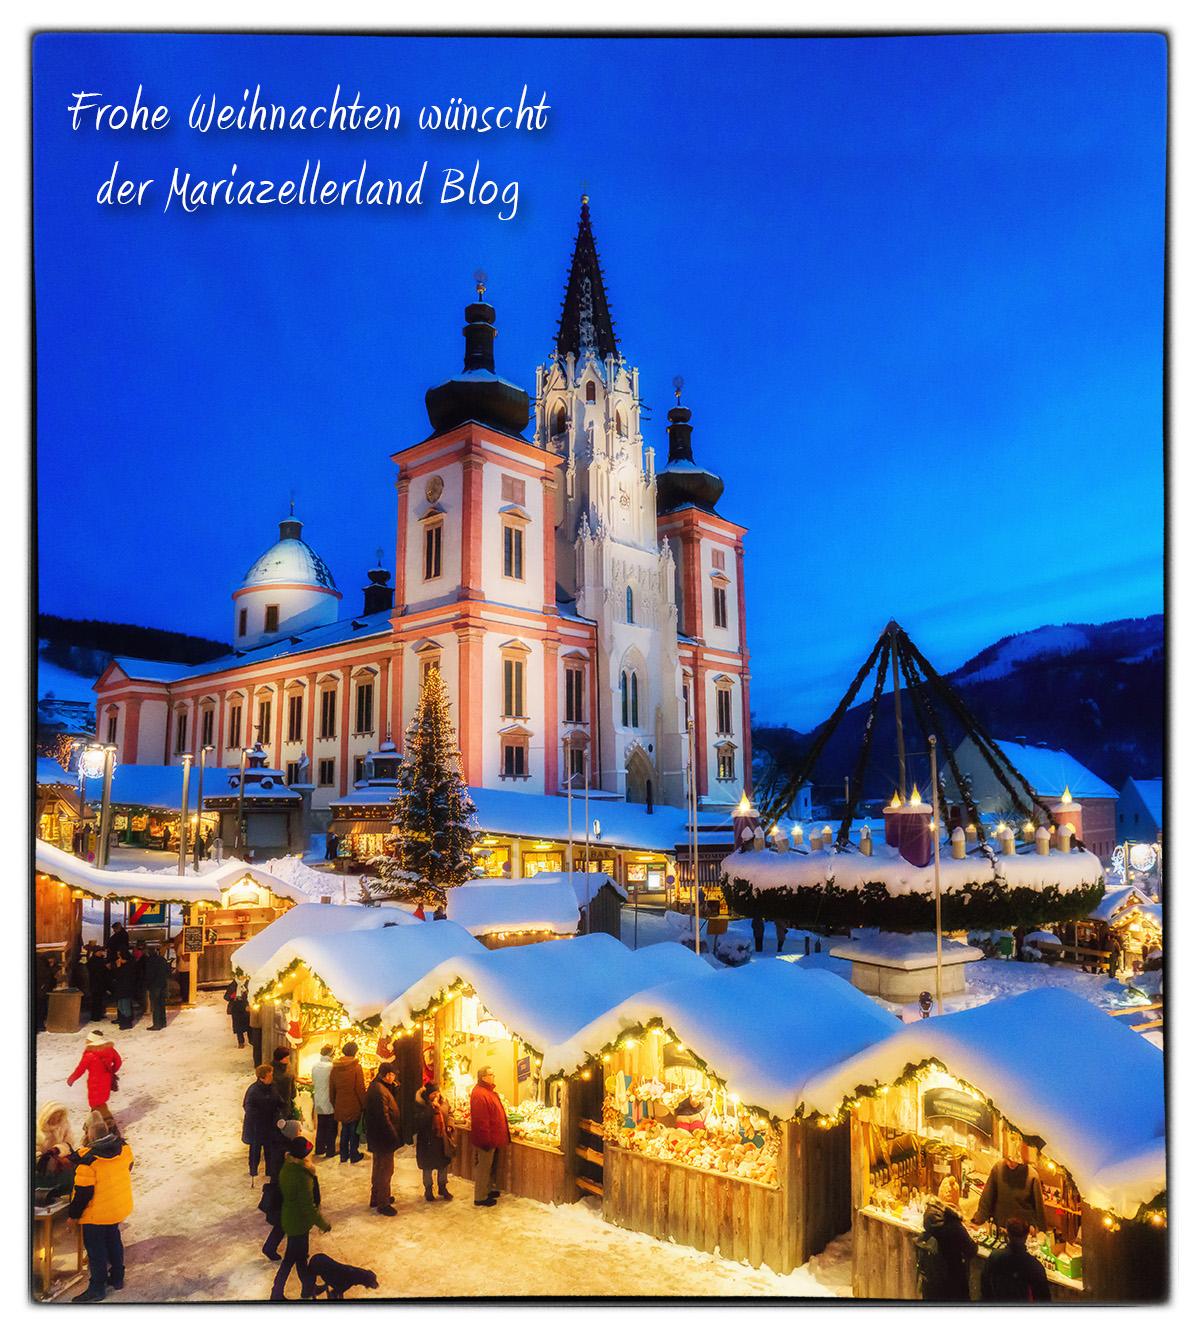 Wir wünschen allen Mariazellerland Blog Lesern Frohe Weihnachten 2013